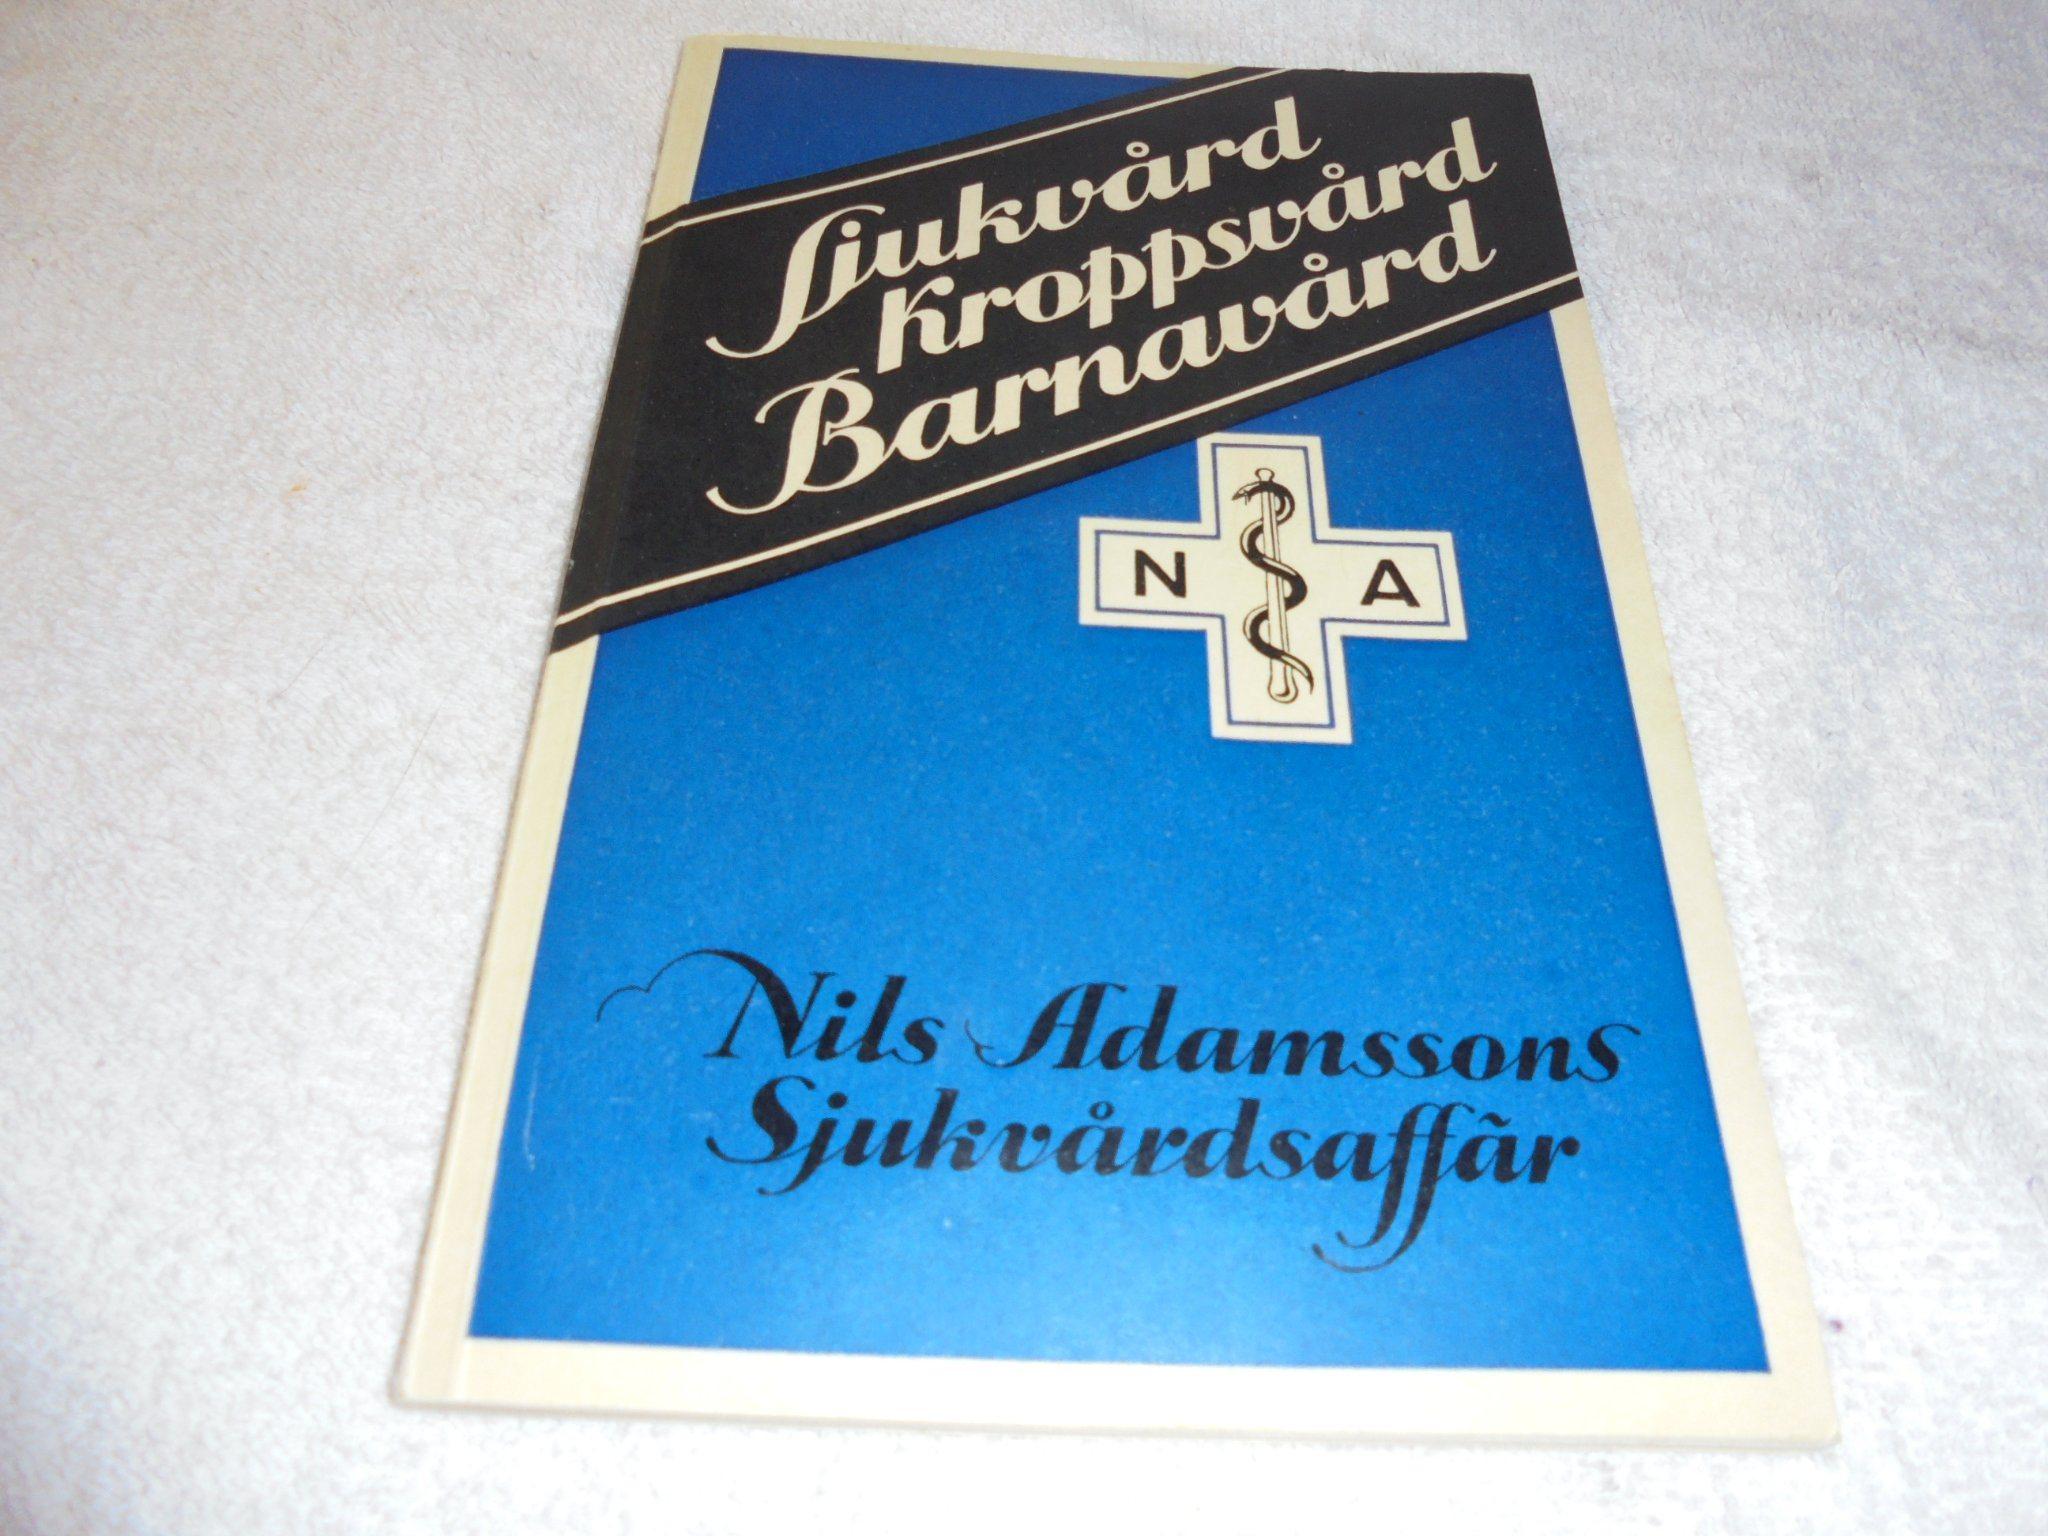 7b32f59c051 Katalog nr . 50 - Nils Adamsson Sjukvårdsaffär.. (343349616) ᐈ Köp ...